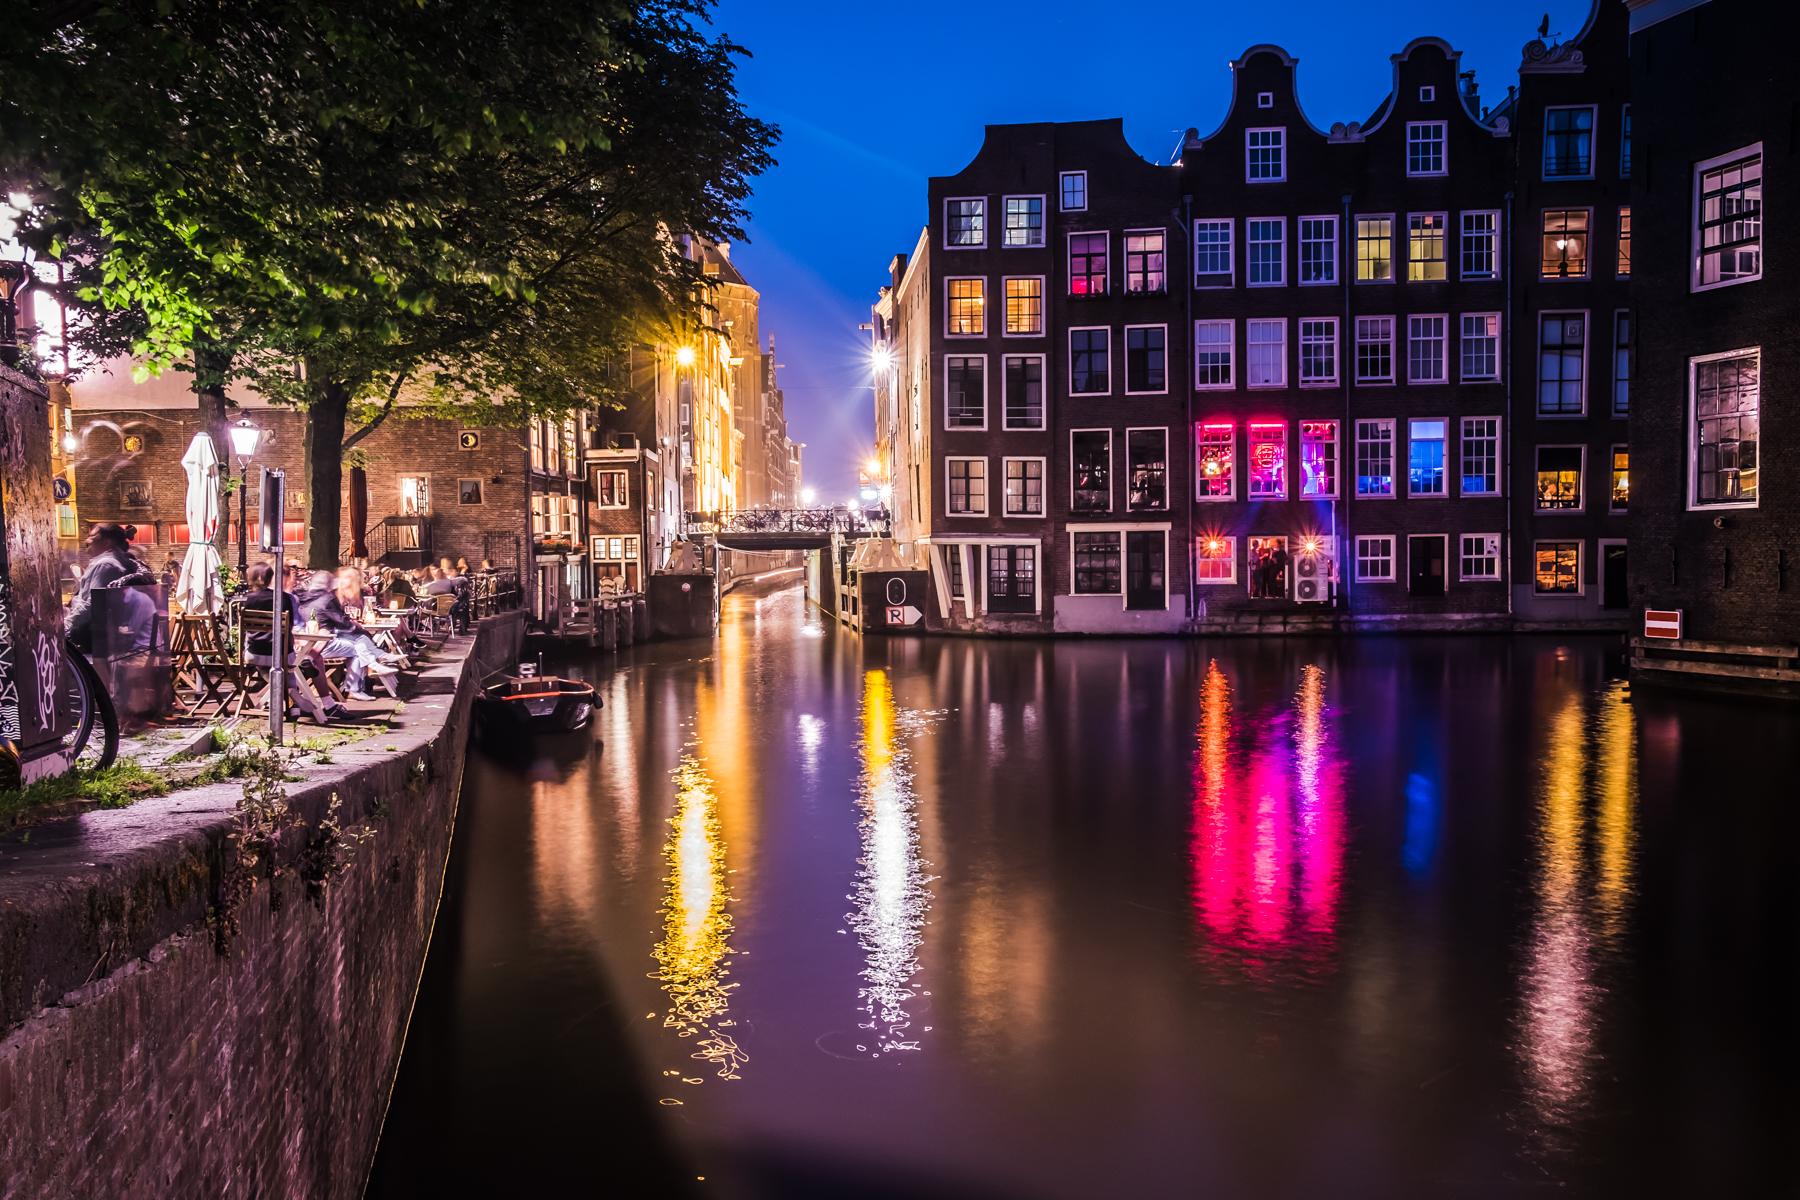 Licht Tour Amsterdam : Hintergrundbilder alt stadt ausflug reise fenster licht